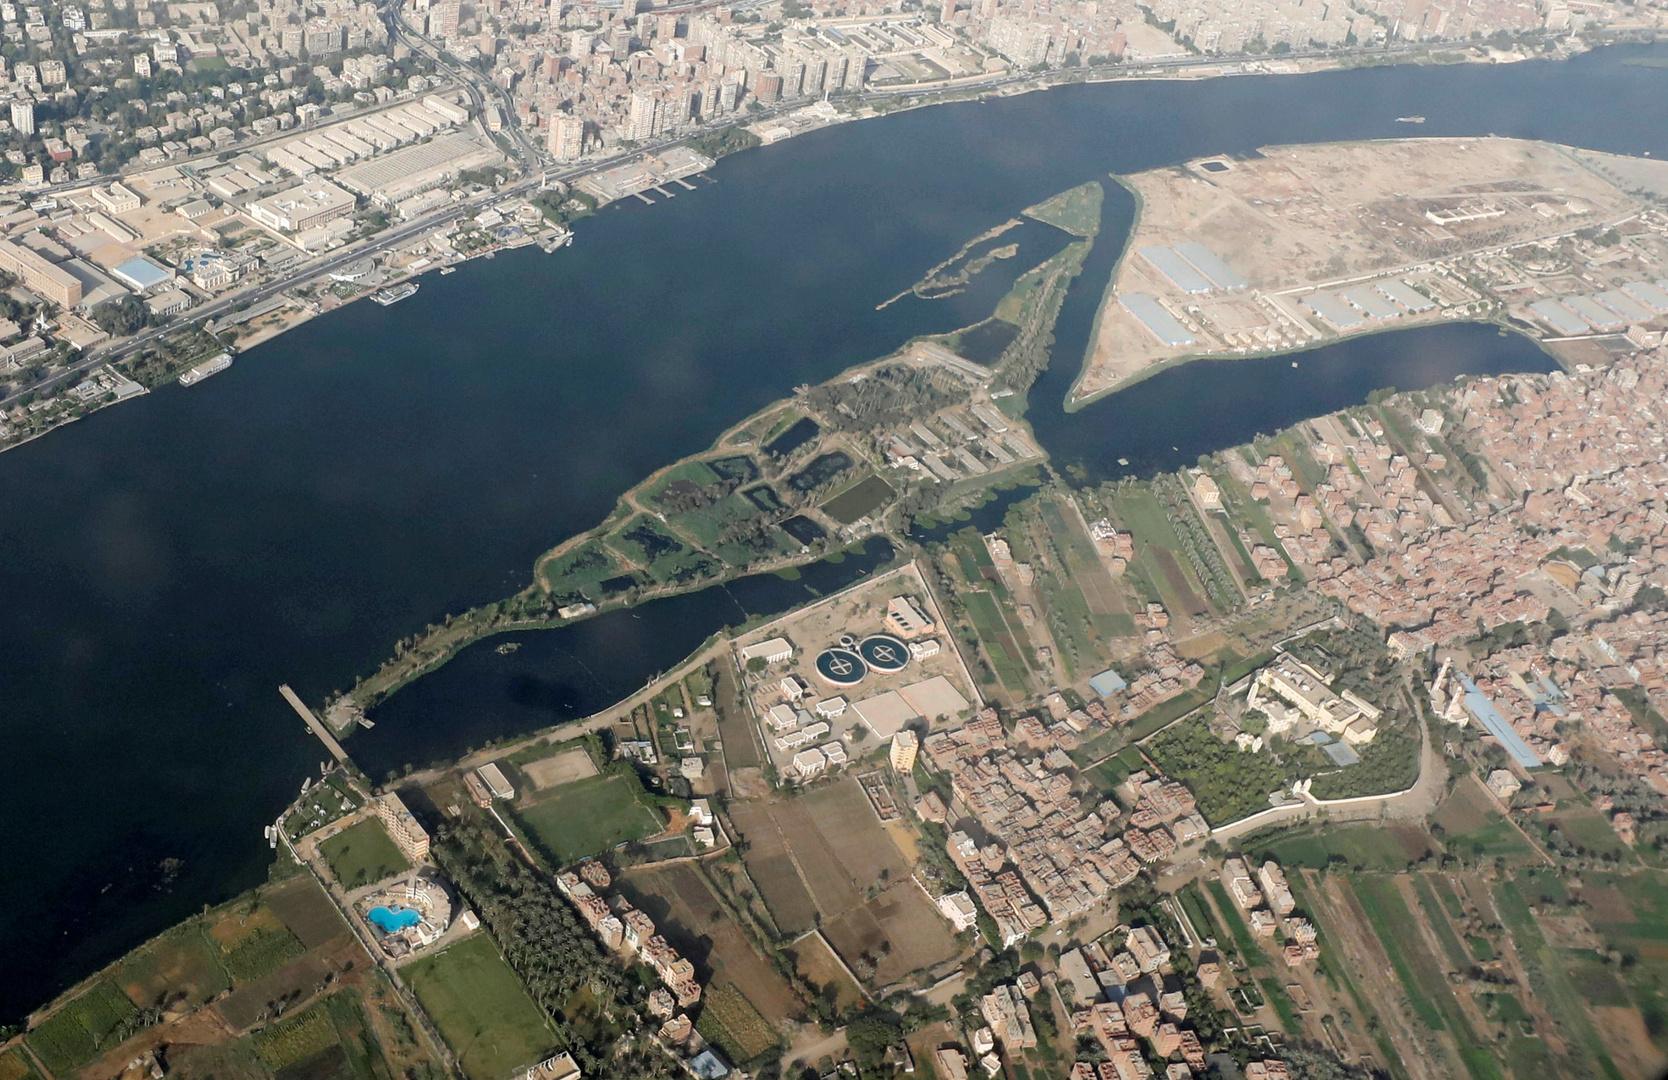 مصر تستمر في رفع درجة الاستعداد القصوى لتلبية الاحتياجات المائية